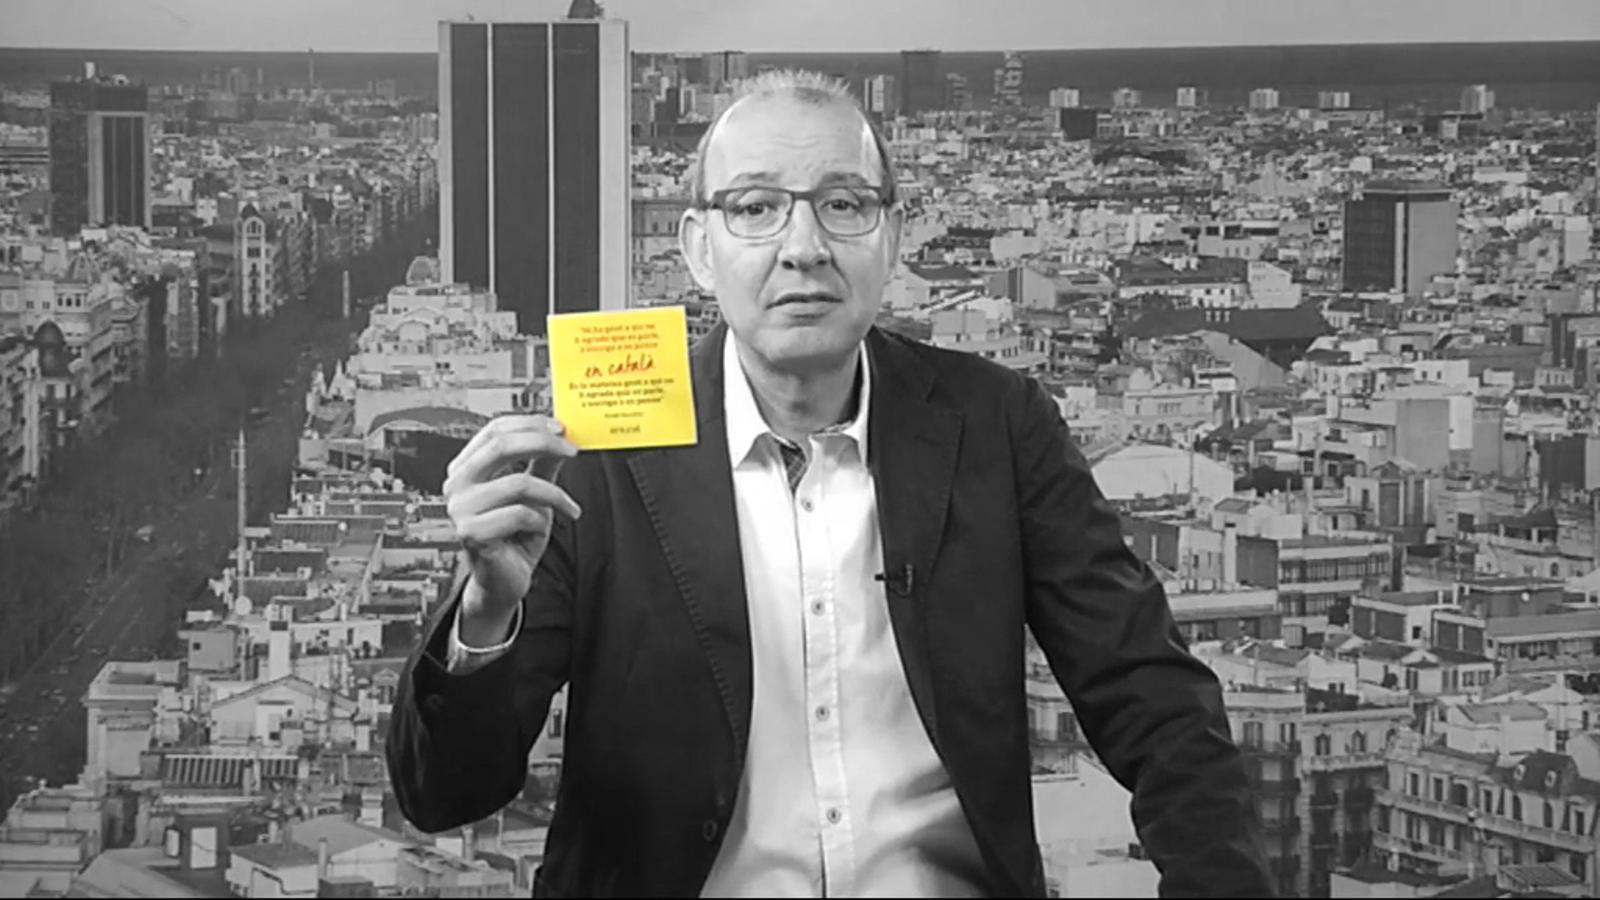 L'editorial d'Antoni Bassas: Wert i la gent a qui no li agrada que es parli, s'escrigui o es pensi (15/05/2015)